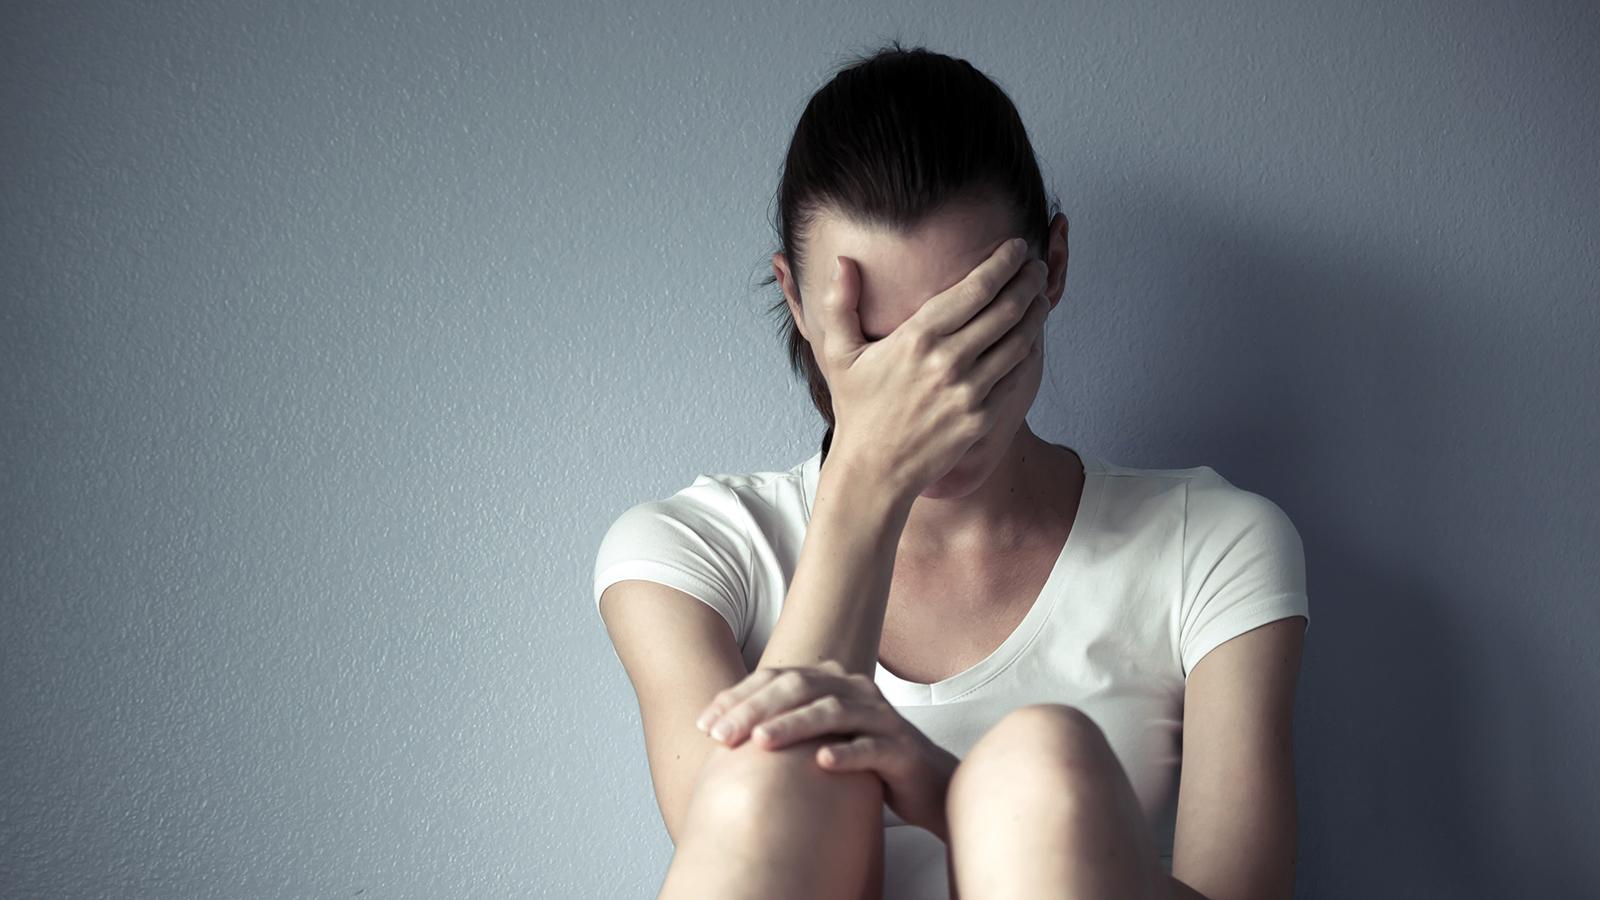 Femme-depression-triste-IVG